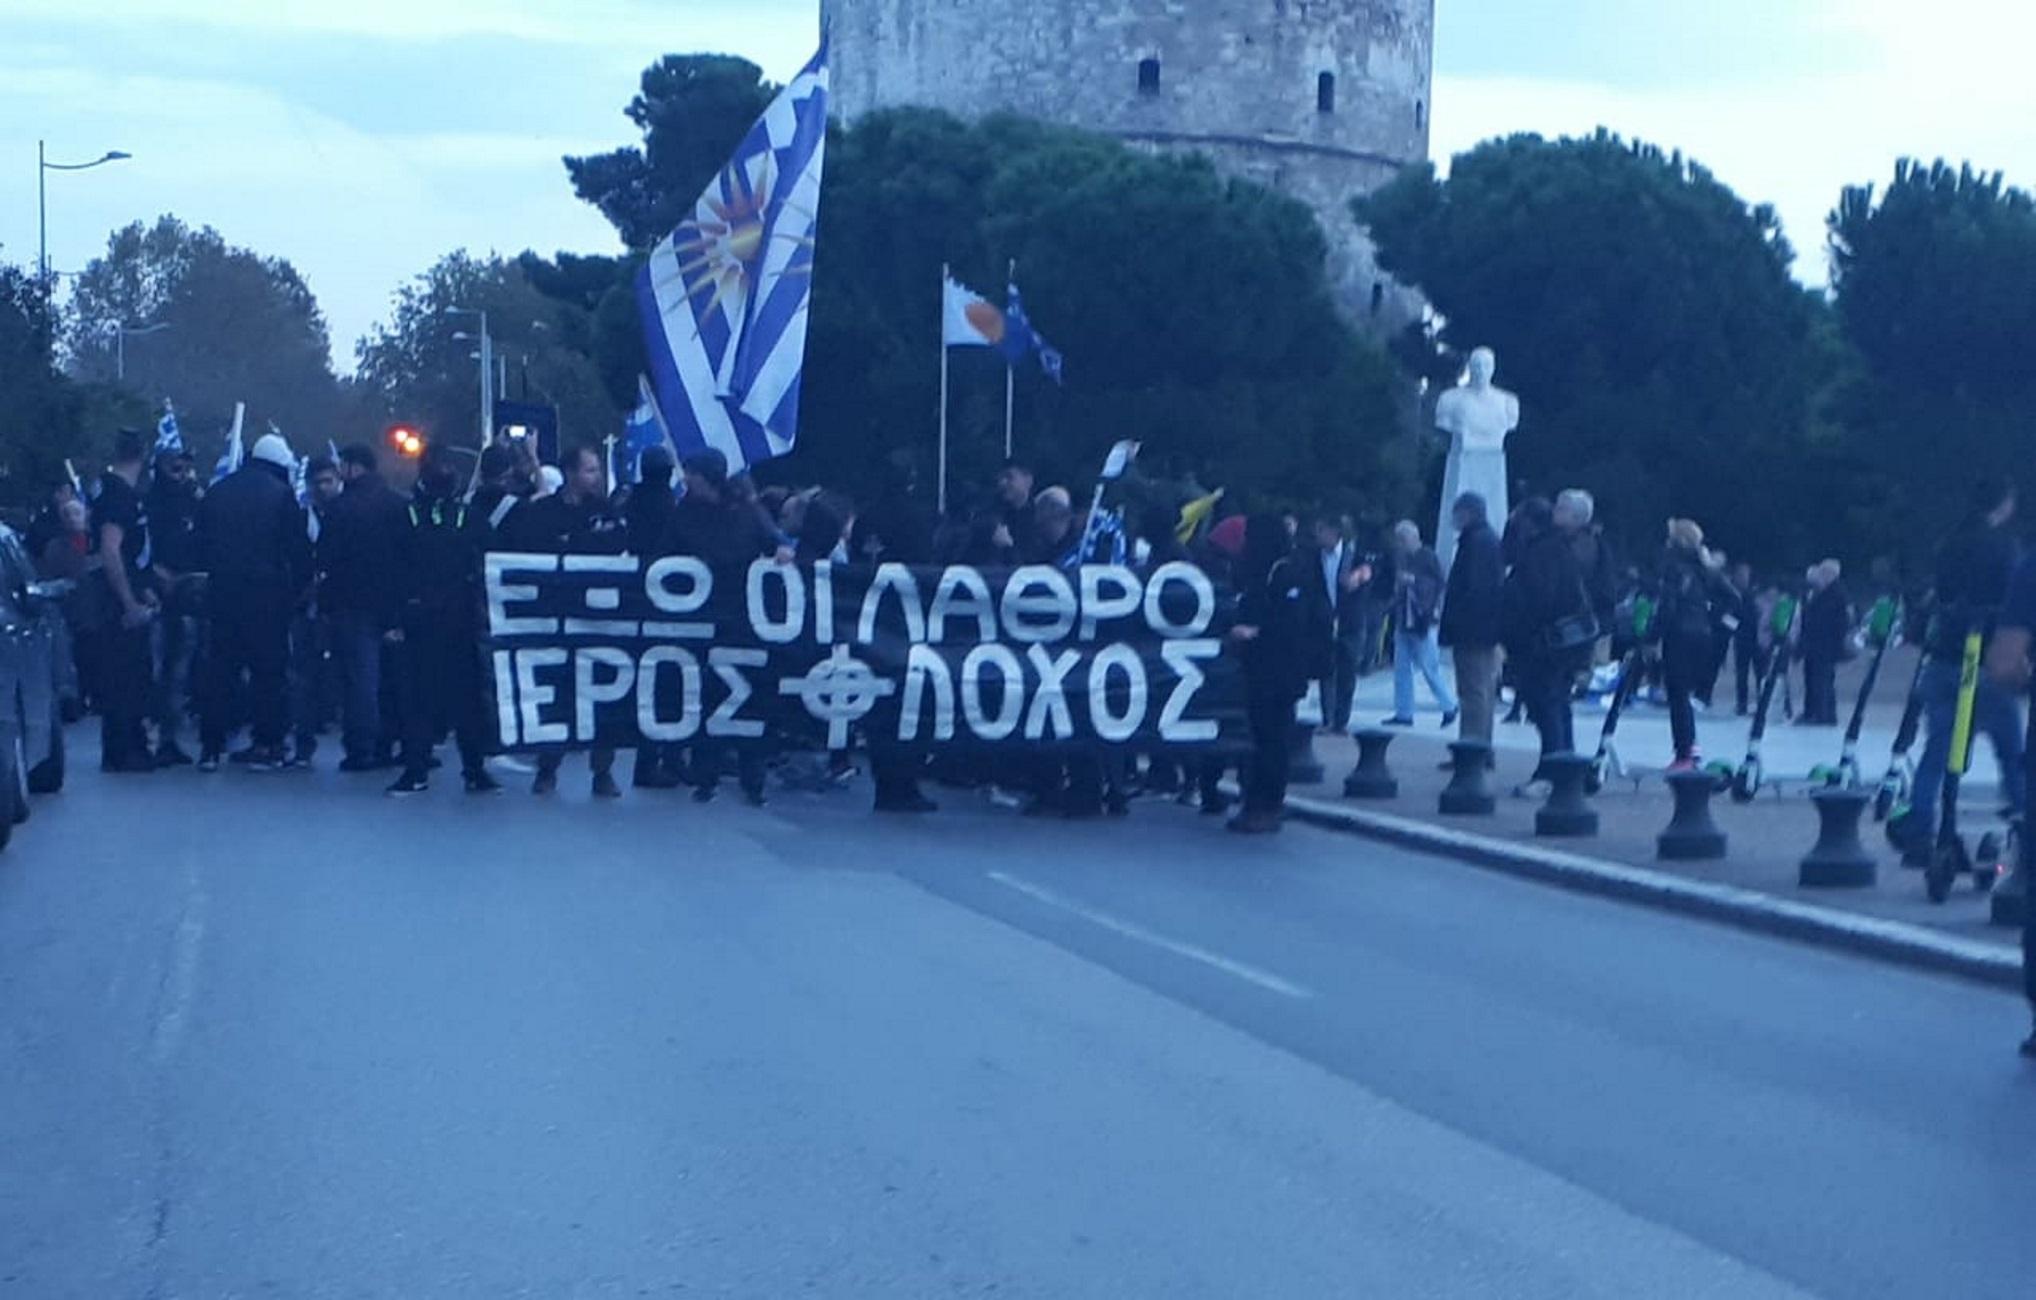 Θεσσαλονίκη: Σε εξέλιξη οι παράλληλες συγκεντρώσεις εθνικιστών και αντιεξουσιαστών – Δρακόντεια μέτρα ασφαλείας!